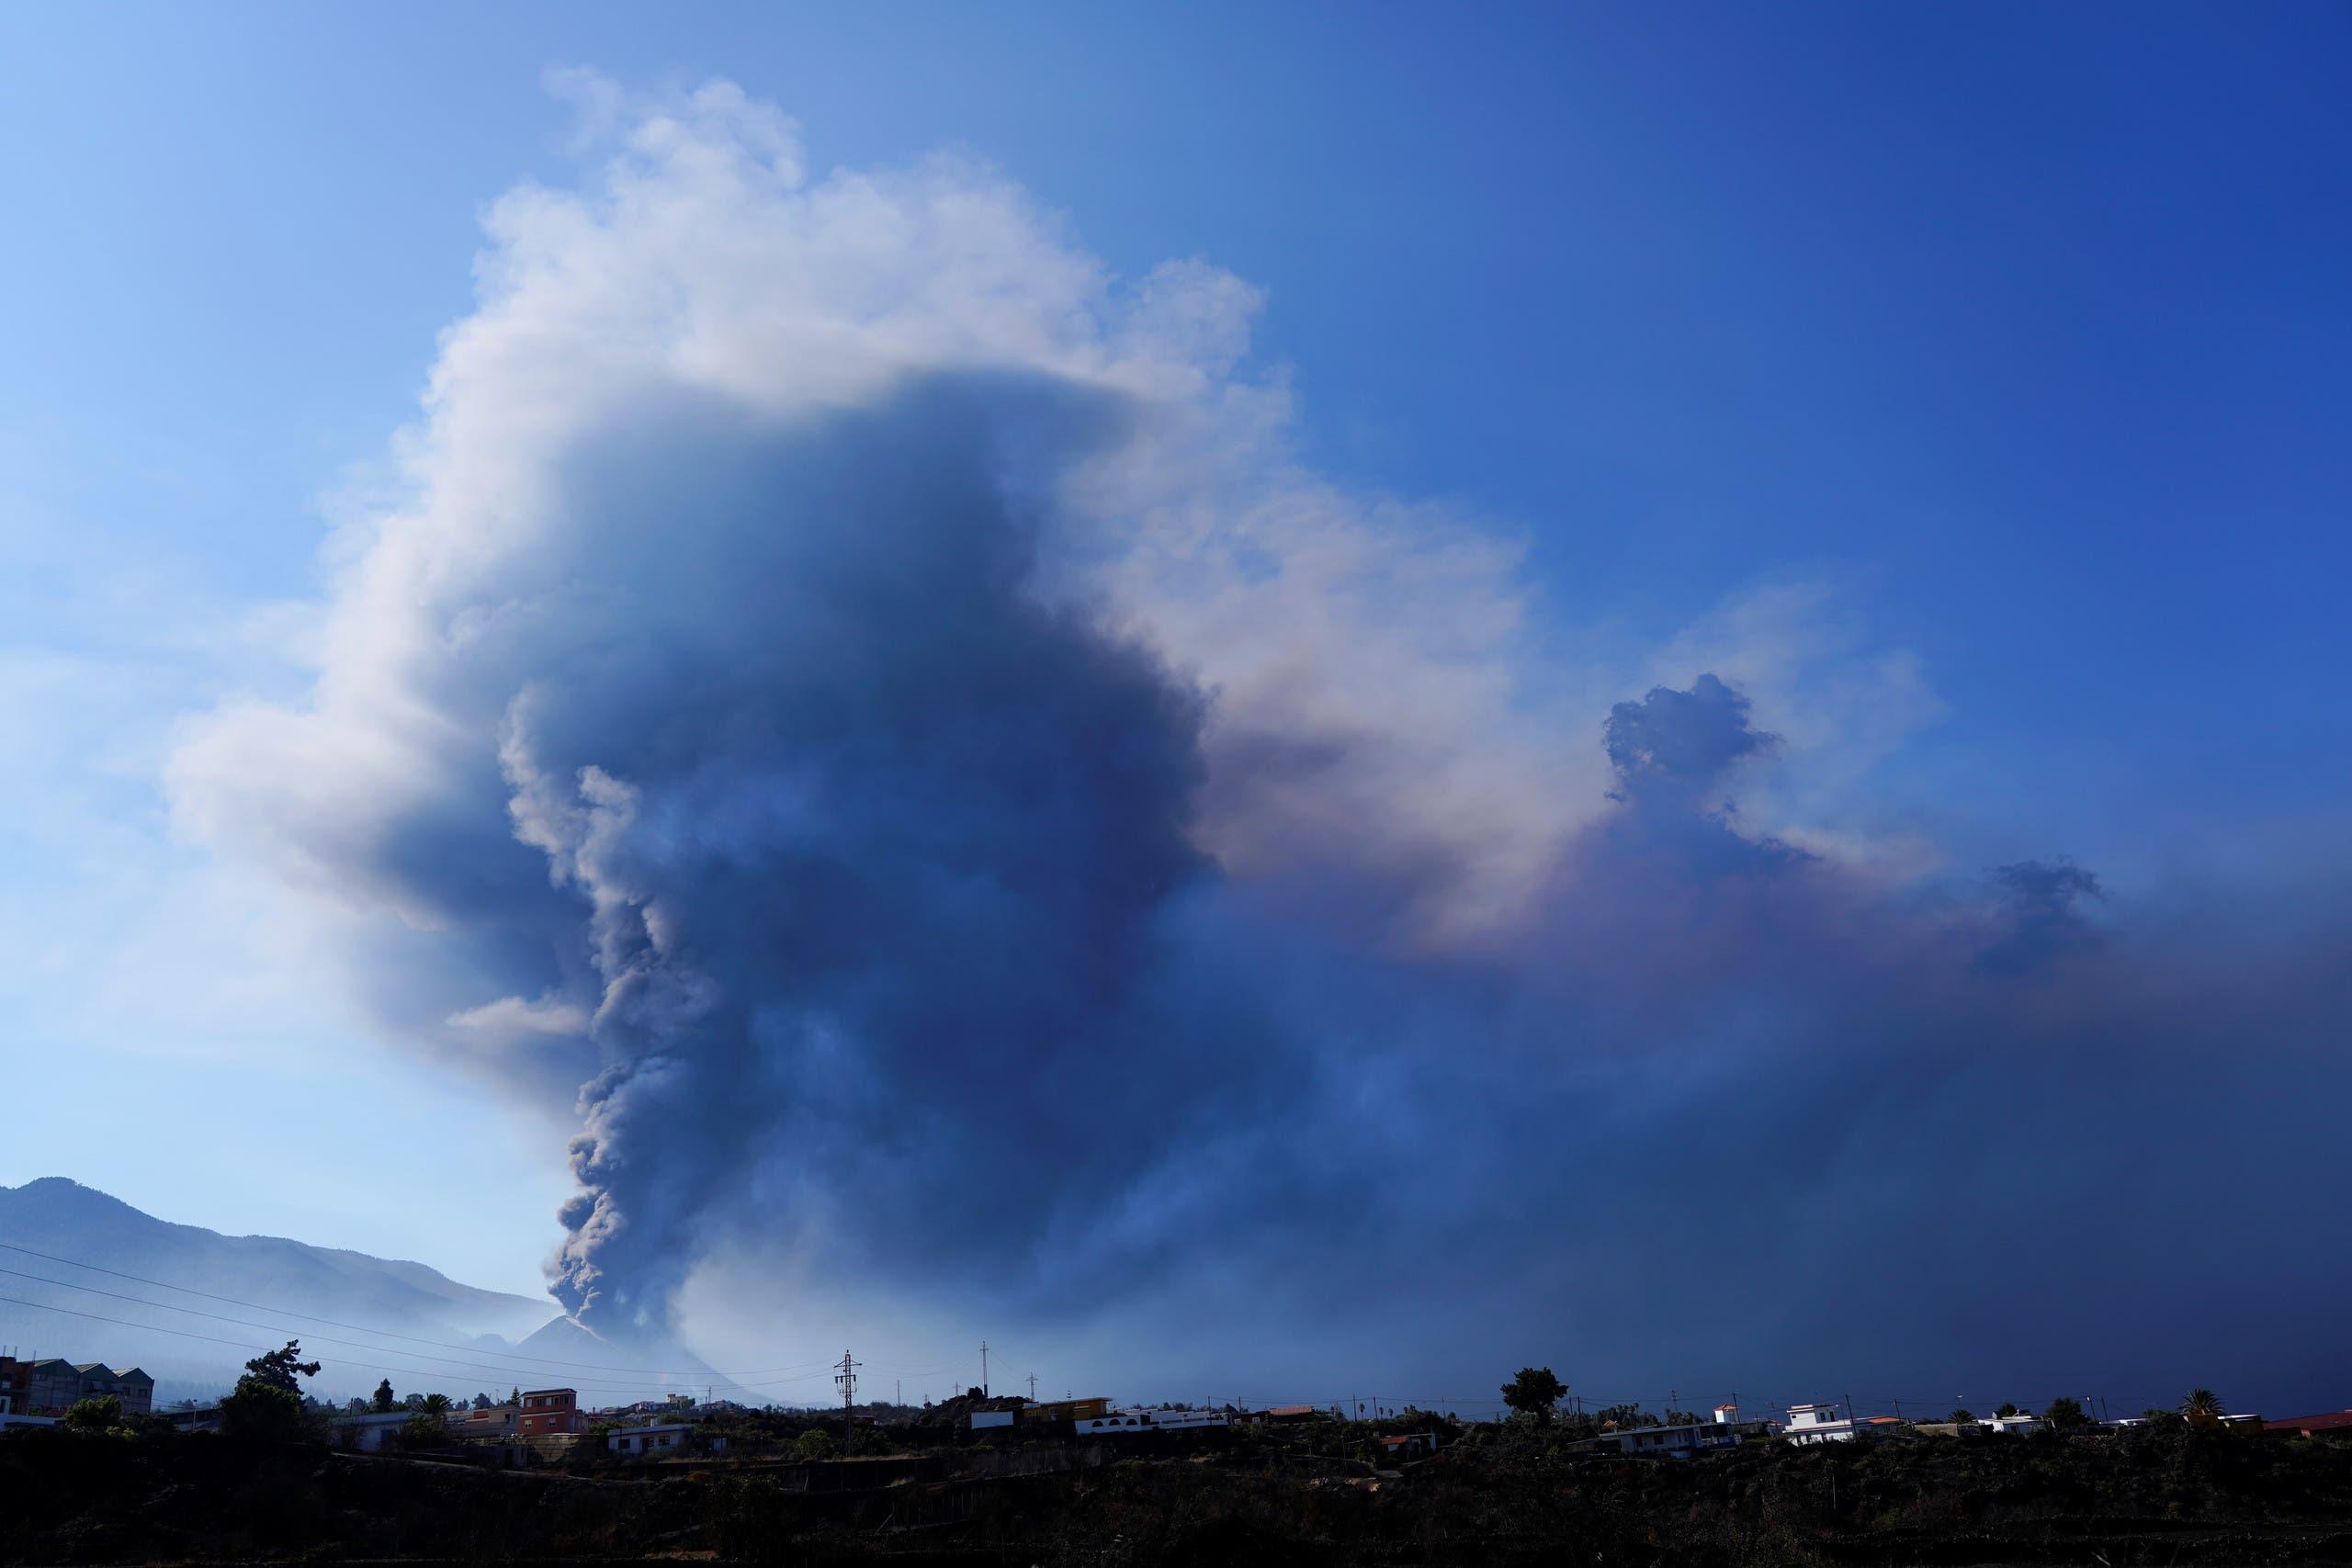 من ثوران بركان لابالما